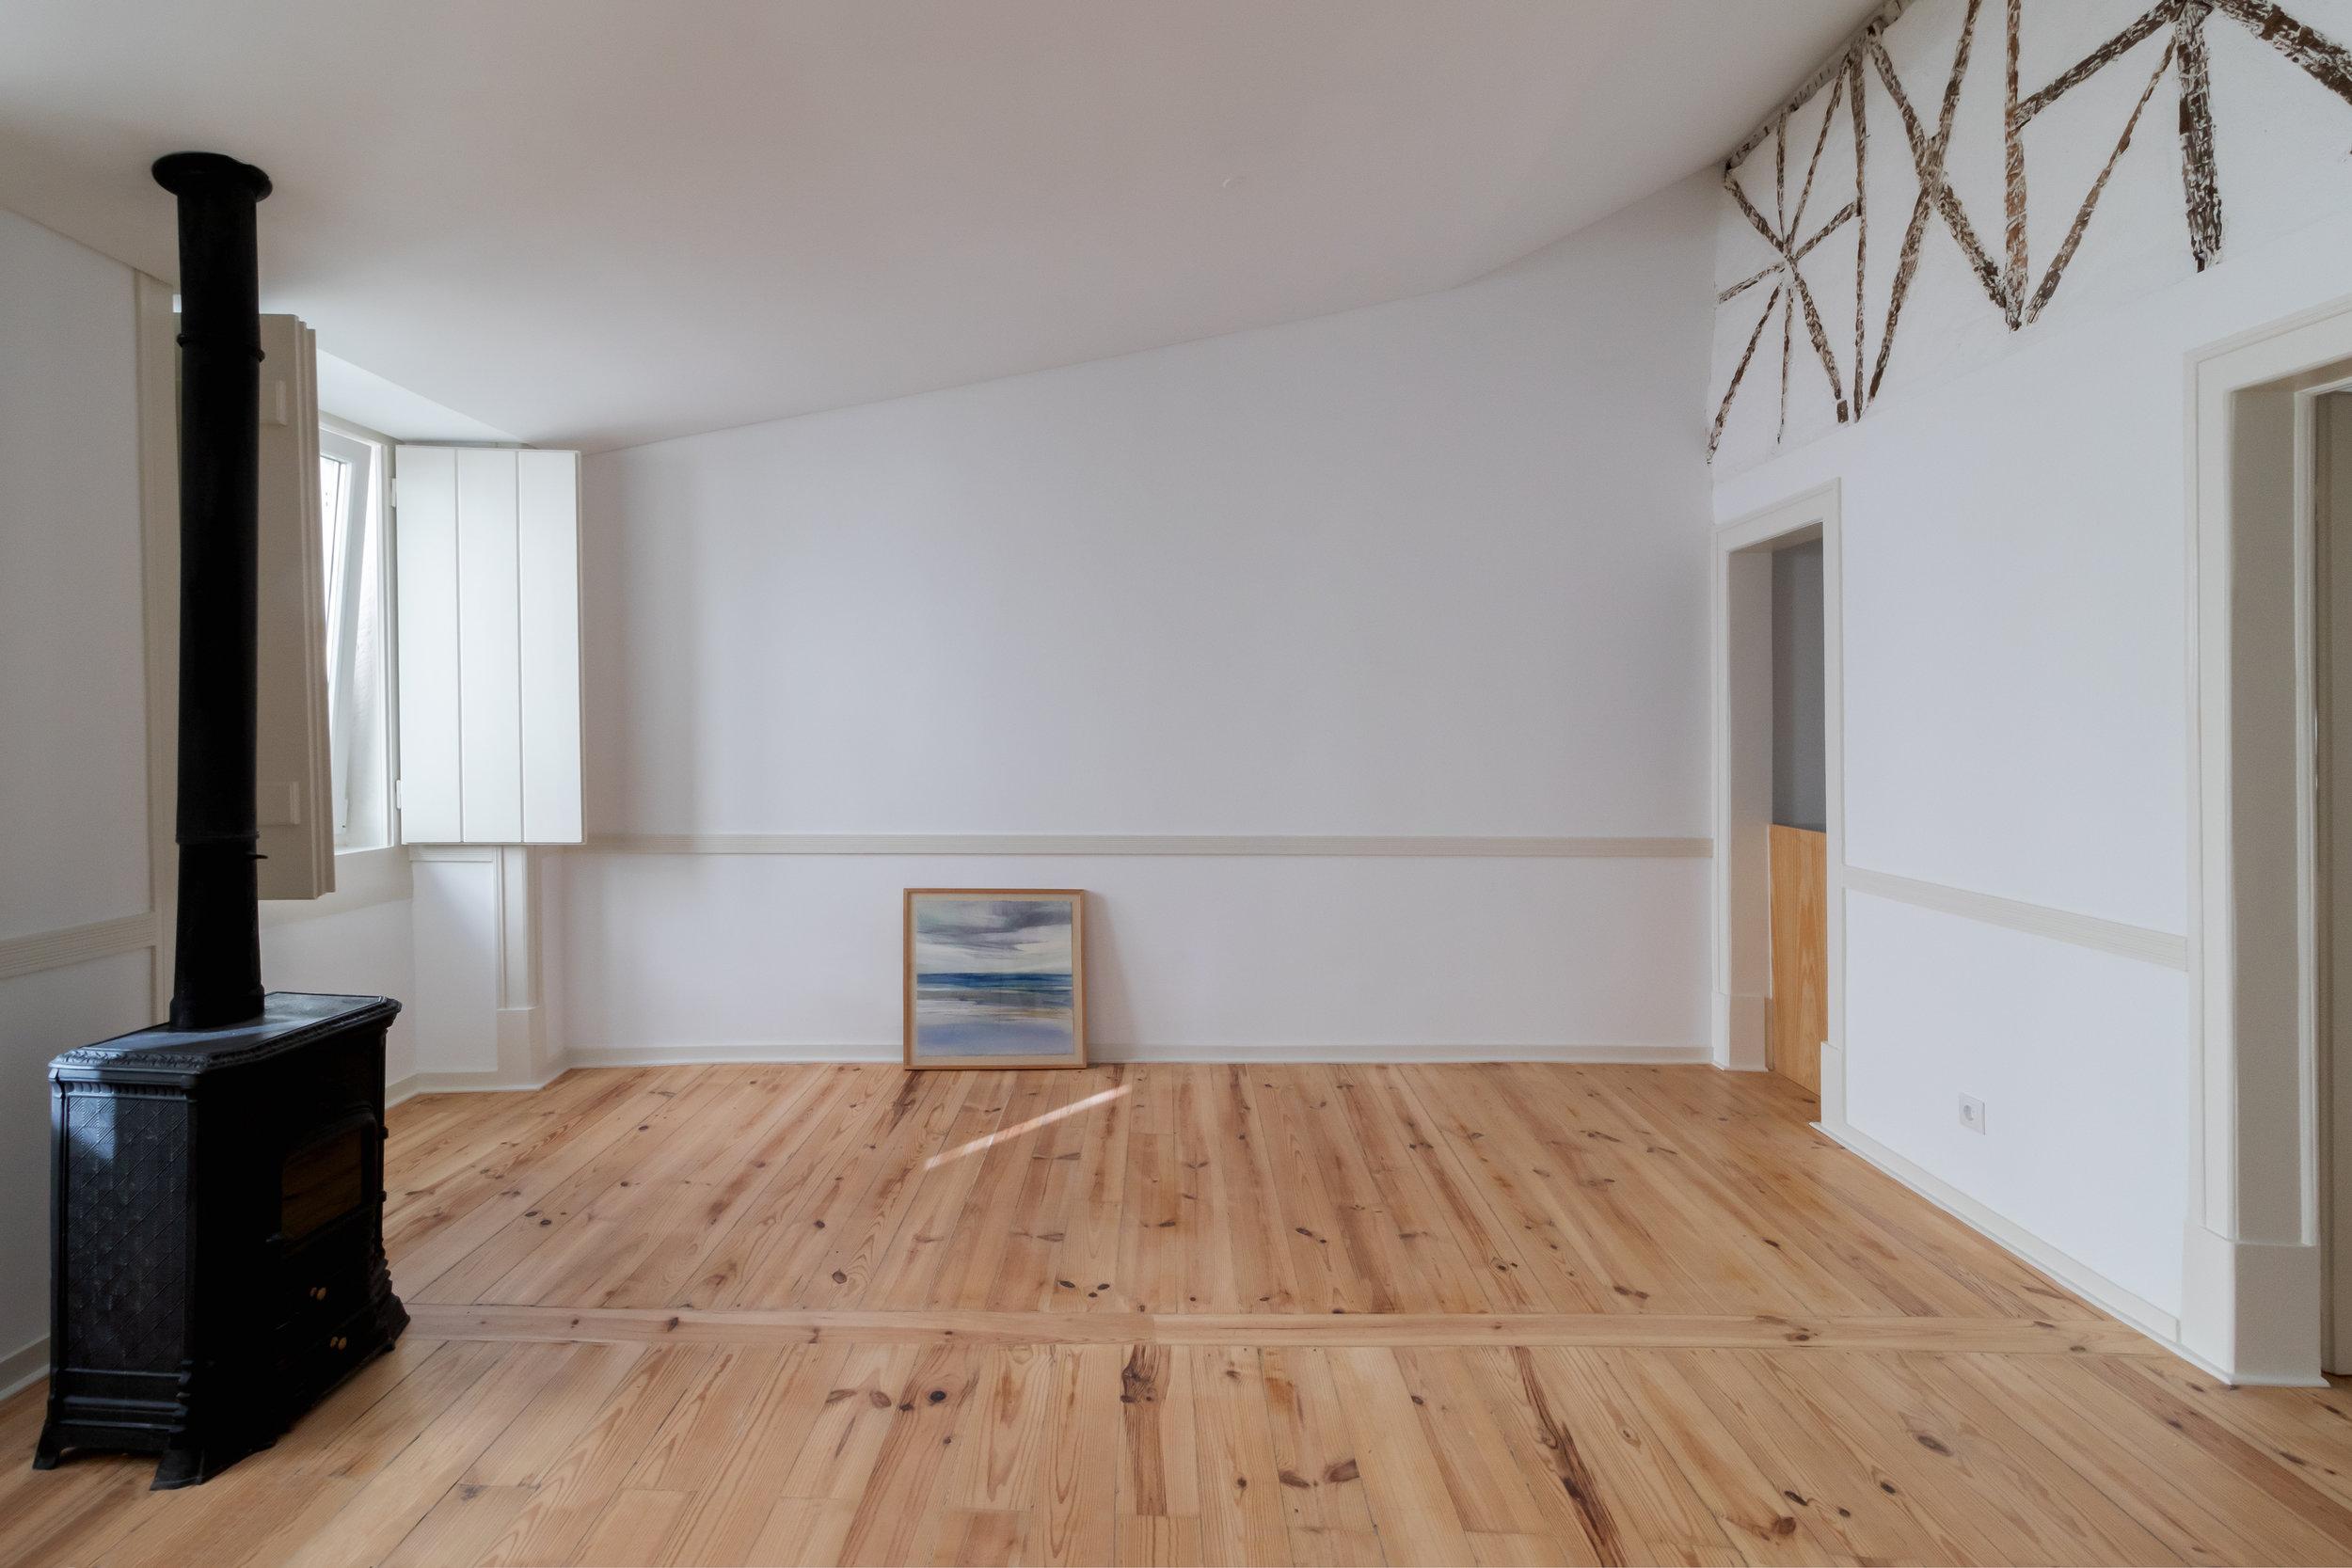 AIA-ApartamentoSe-004.jpg